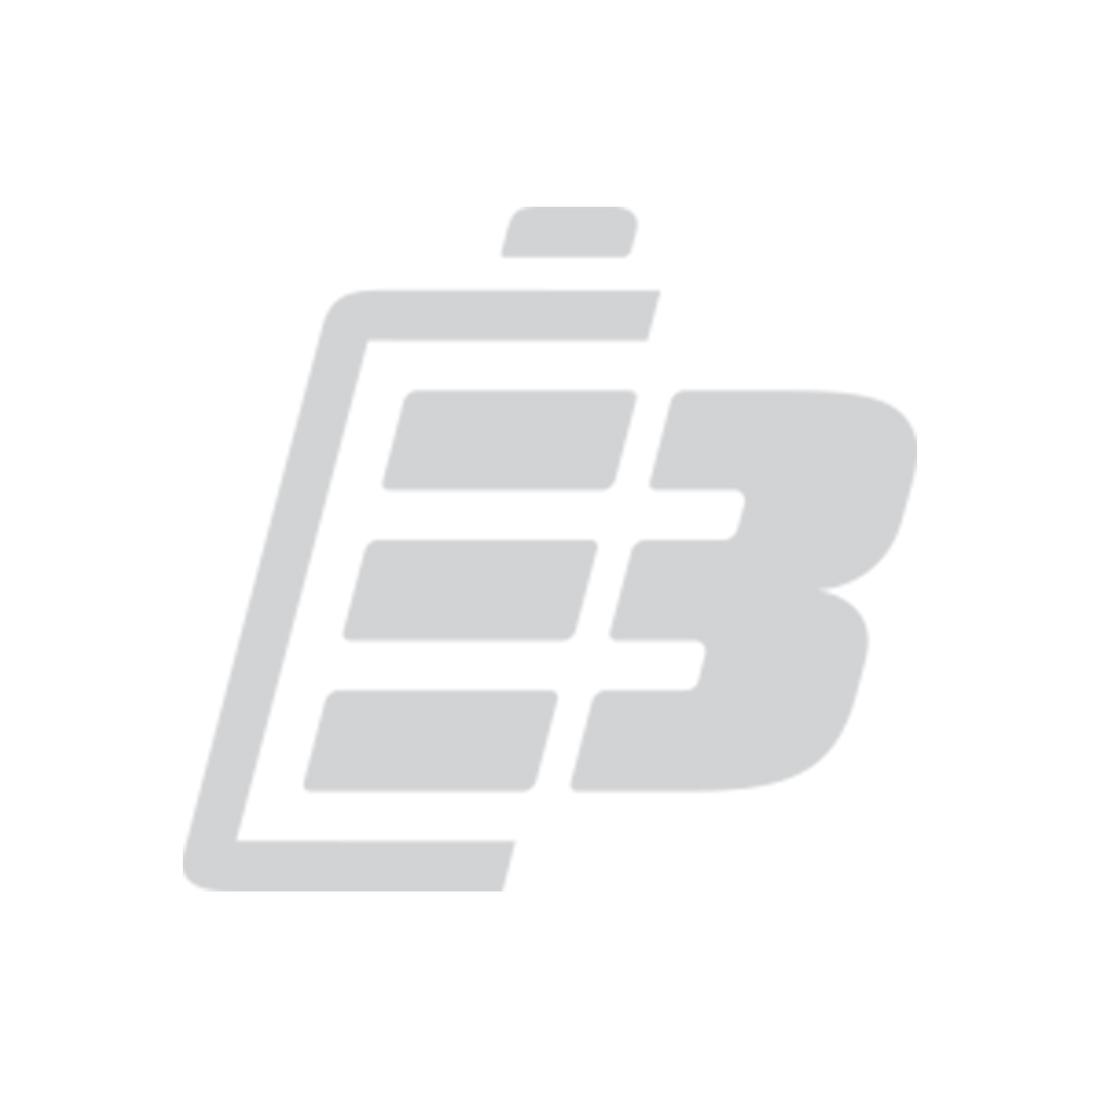 Fenix LD05 V2.0 LED Flashlight with UV